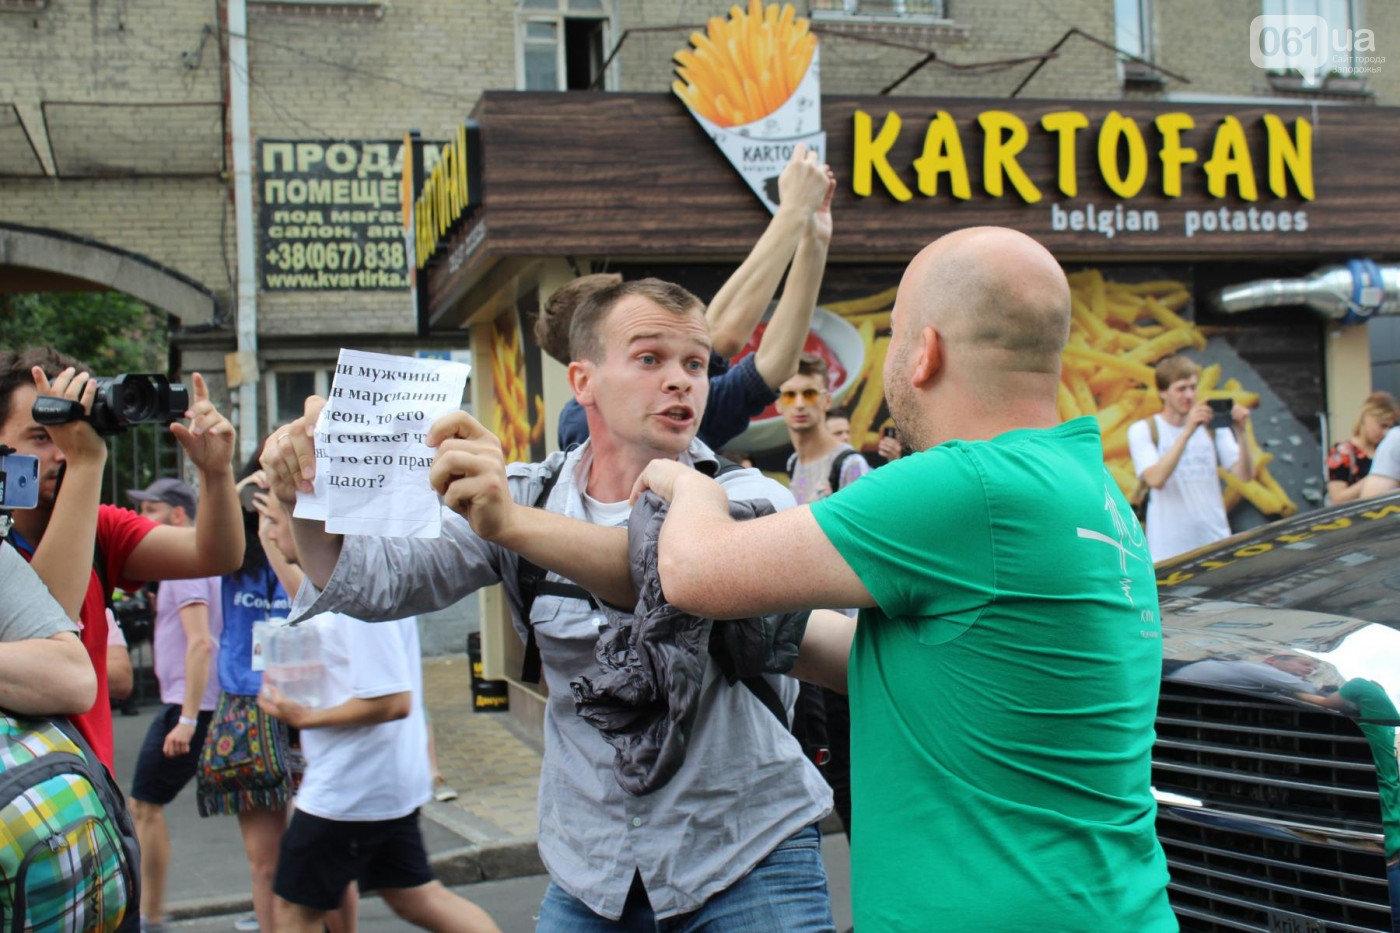 """Лука высказался против ЛГБТ: что ответили в """"ЗапорожьеПрайде"""" и при чем тут Беларусь и счетчики, фото-11"""